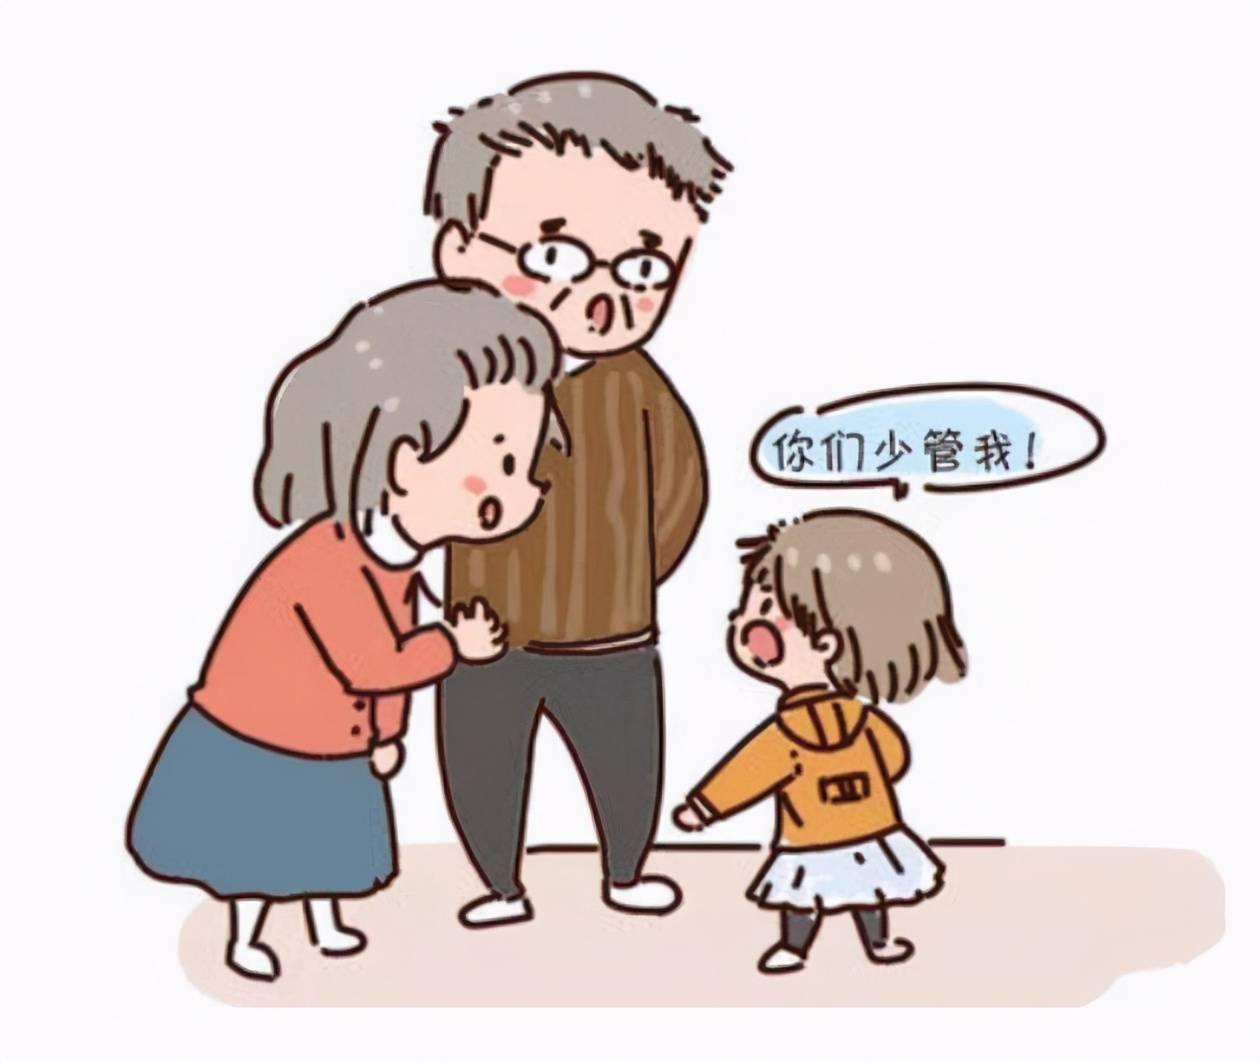 老师不注意自己的原因 多注意身体暖心的话